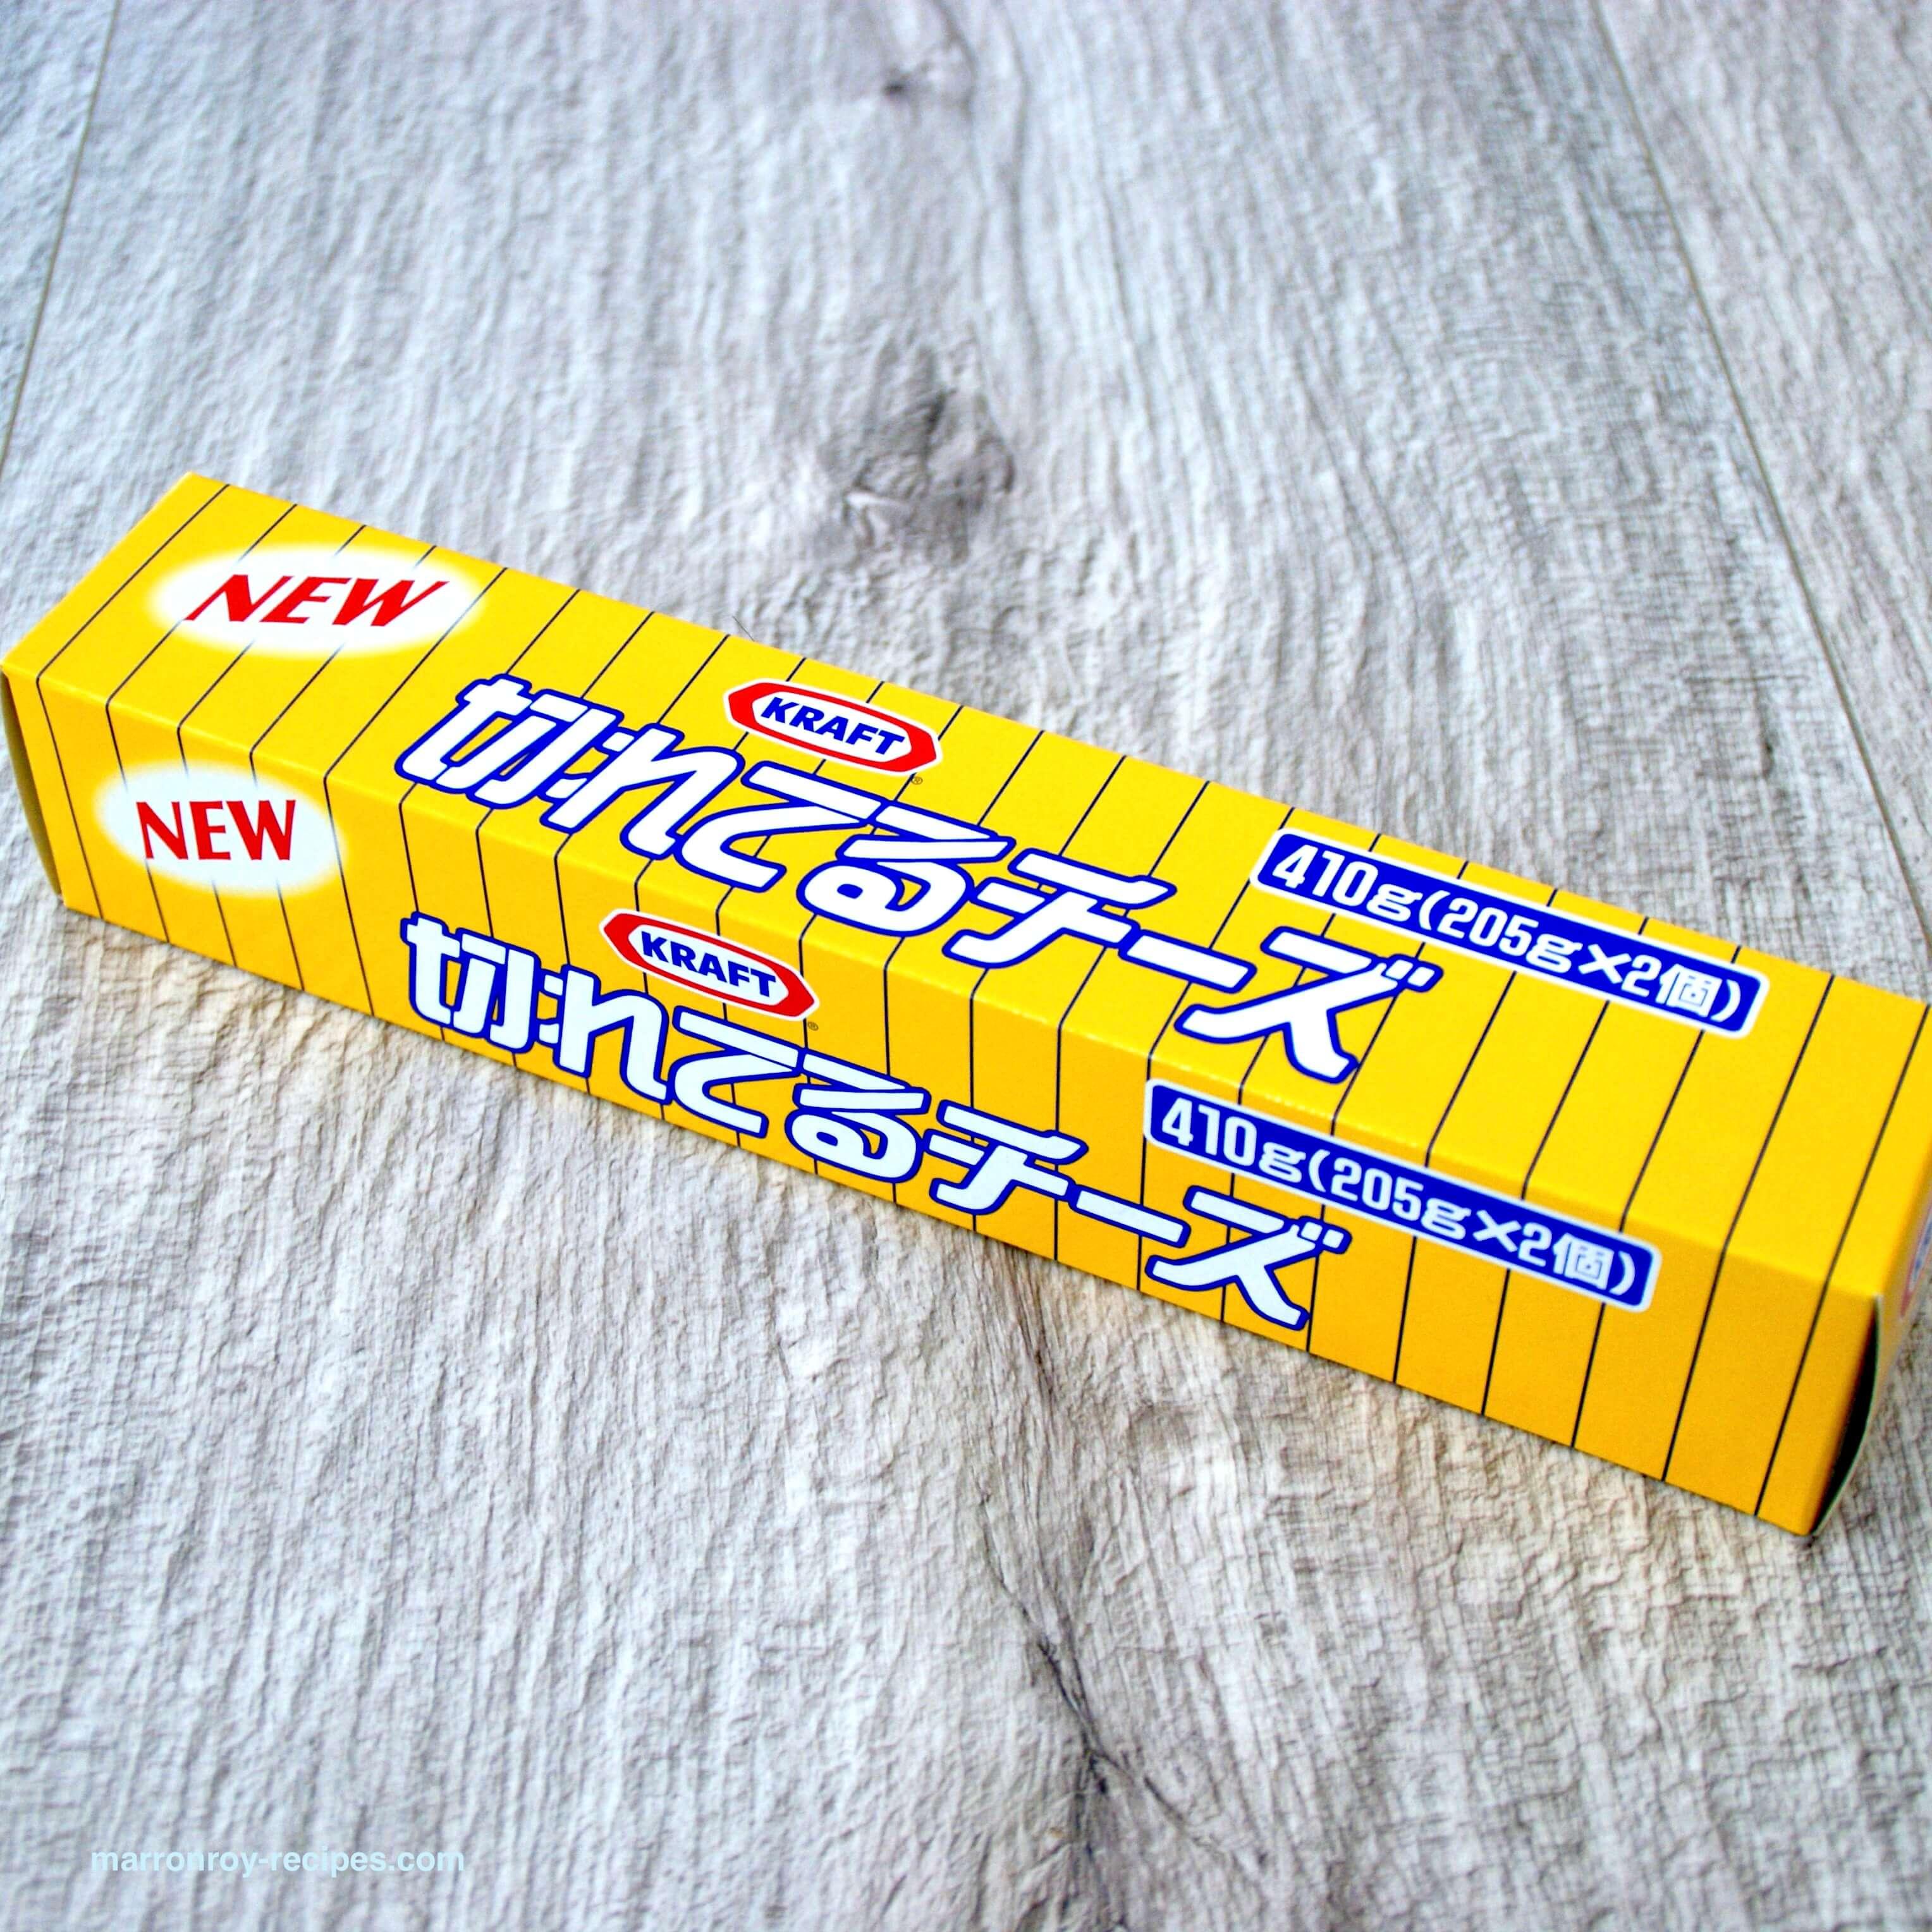 """便利なチーズ""""クラフト 切れてるチーズ 業務用"""""""